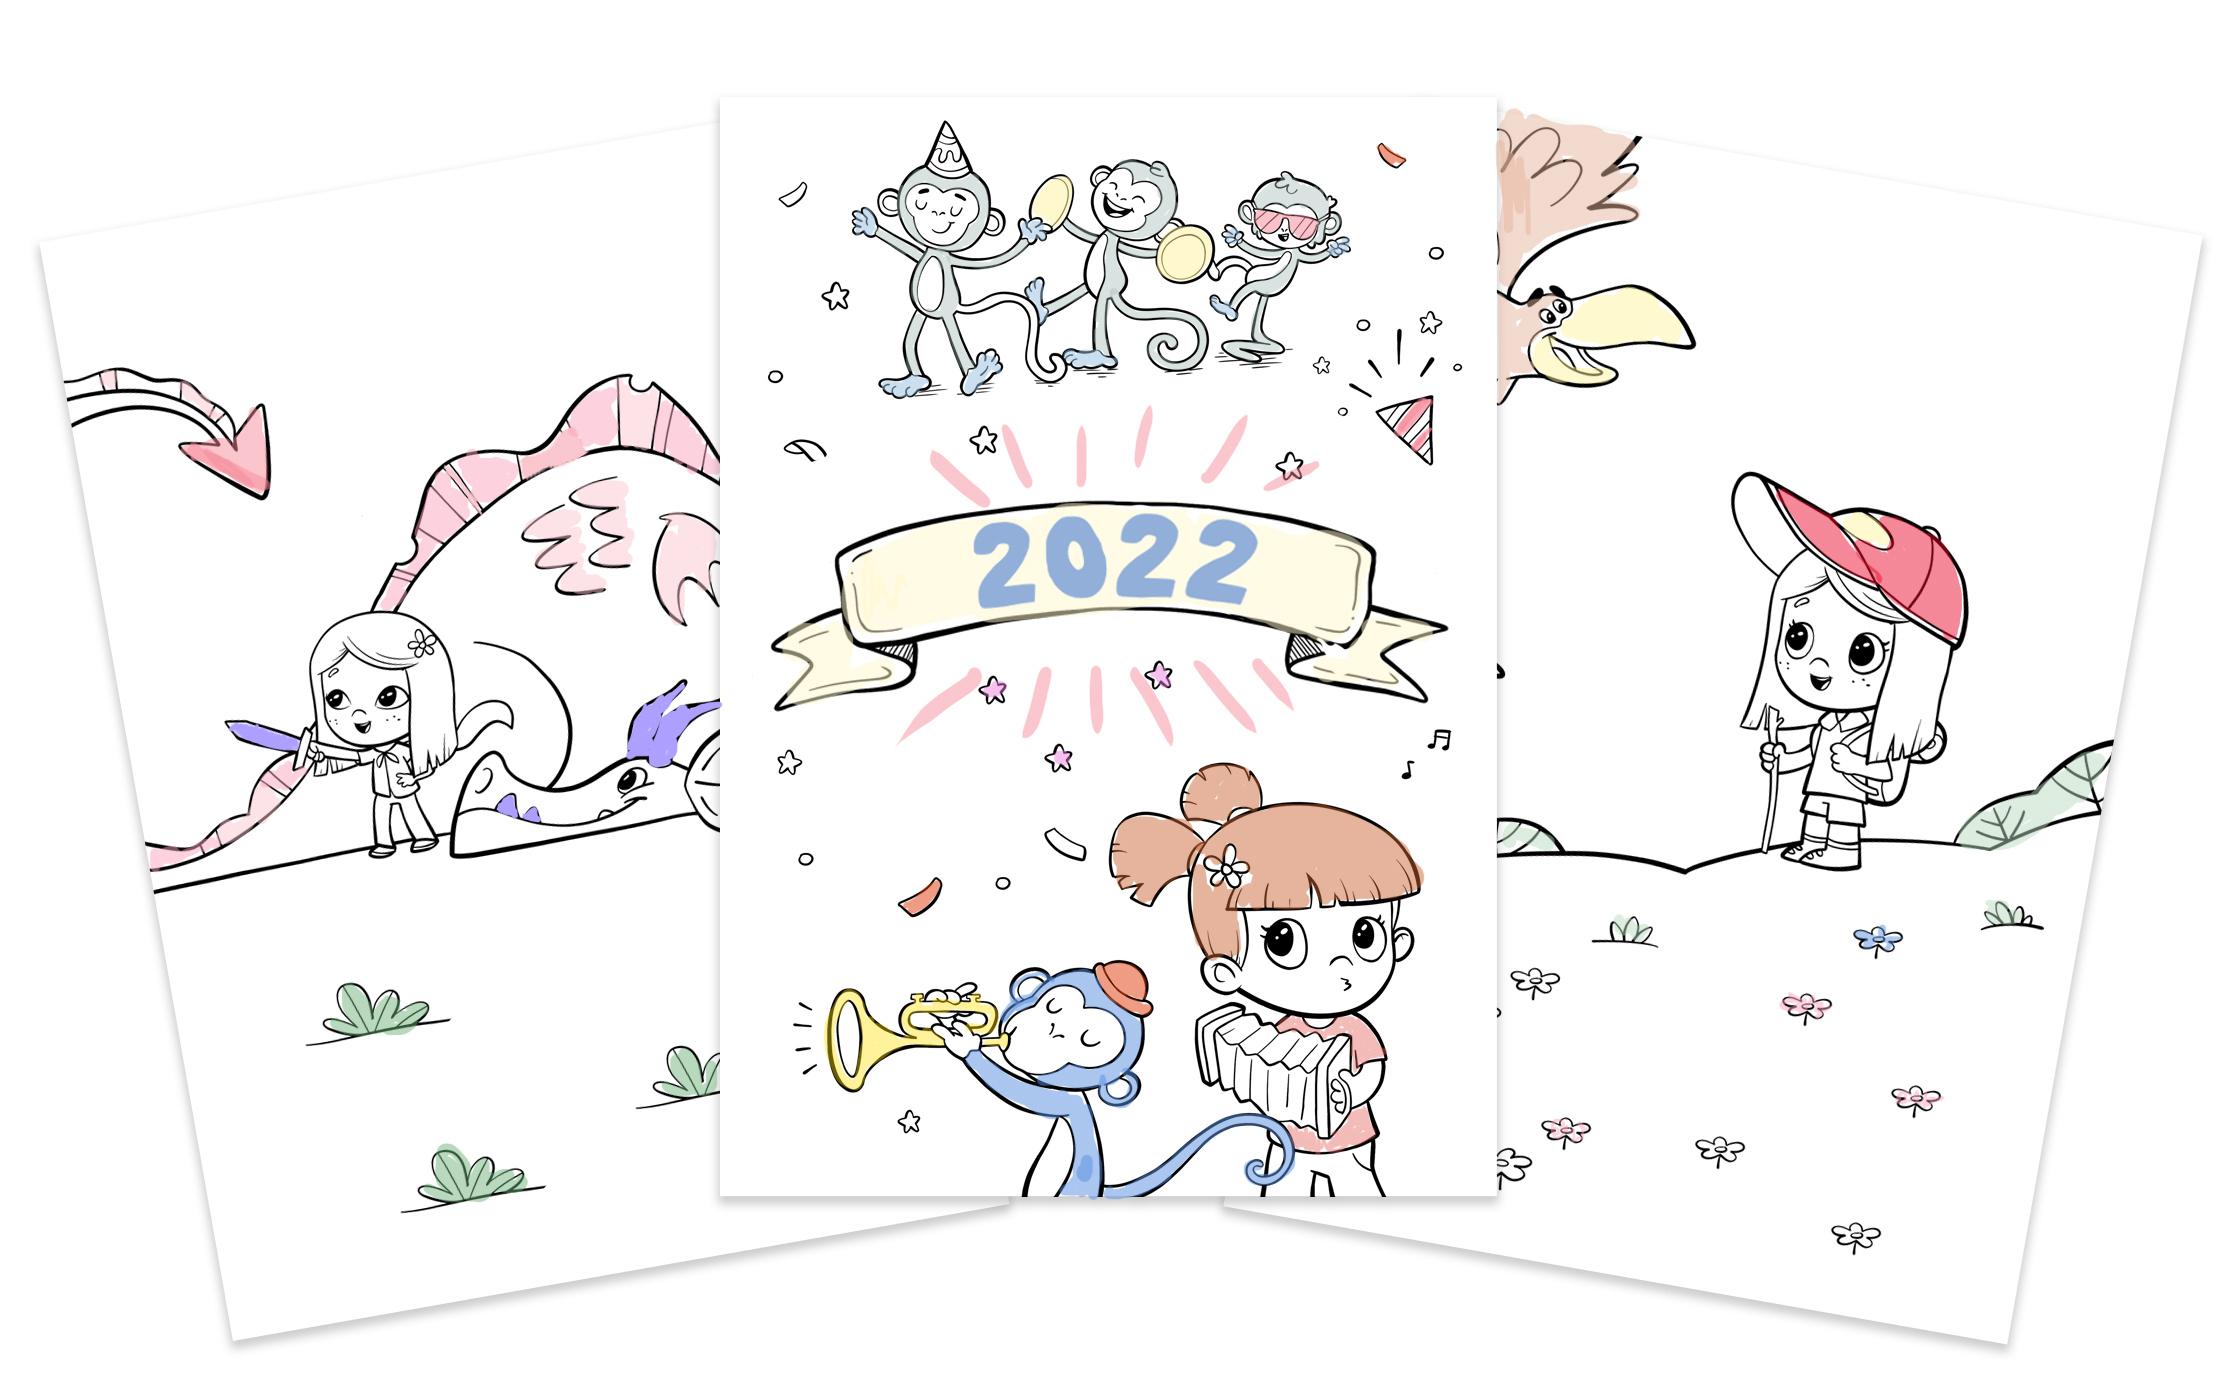 Calendrier Personnalise A Imprimer.Hourra Heros Livres Personnalises Pour Enfants